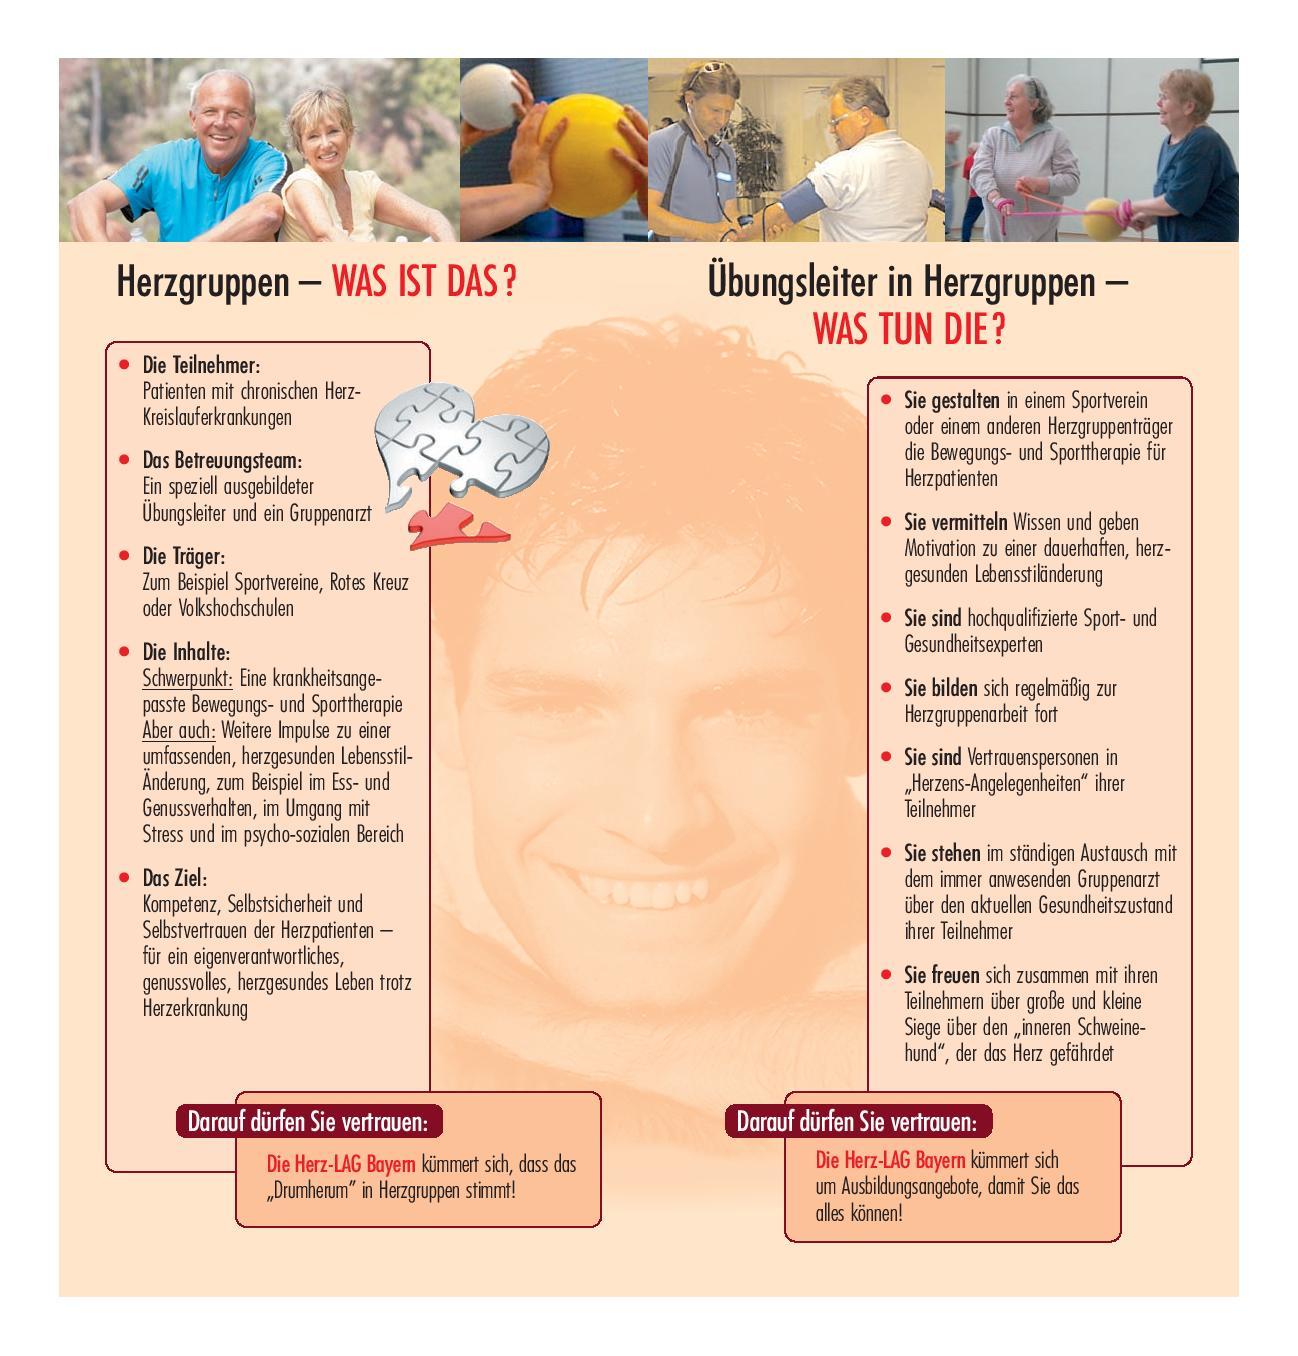 Info-Flyer_Ausbildung_Herzgruppenleiter_der_Herz-LAG-page-002